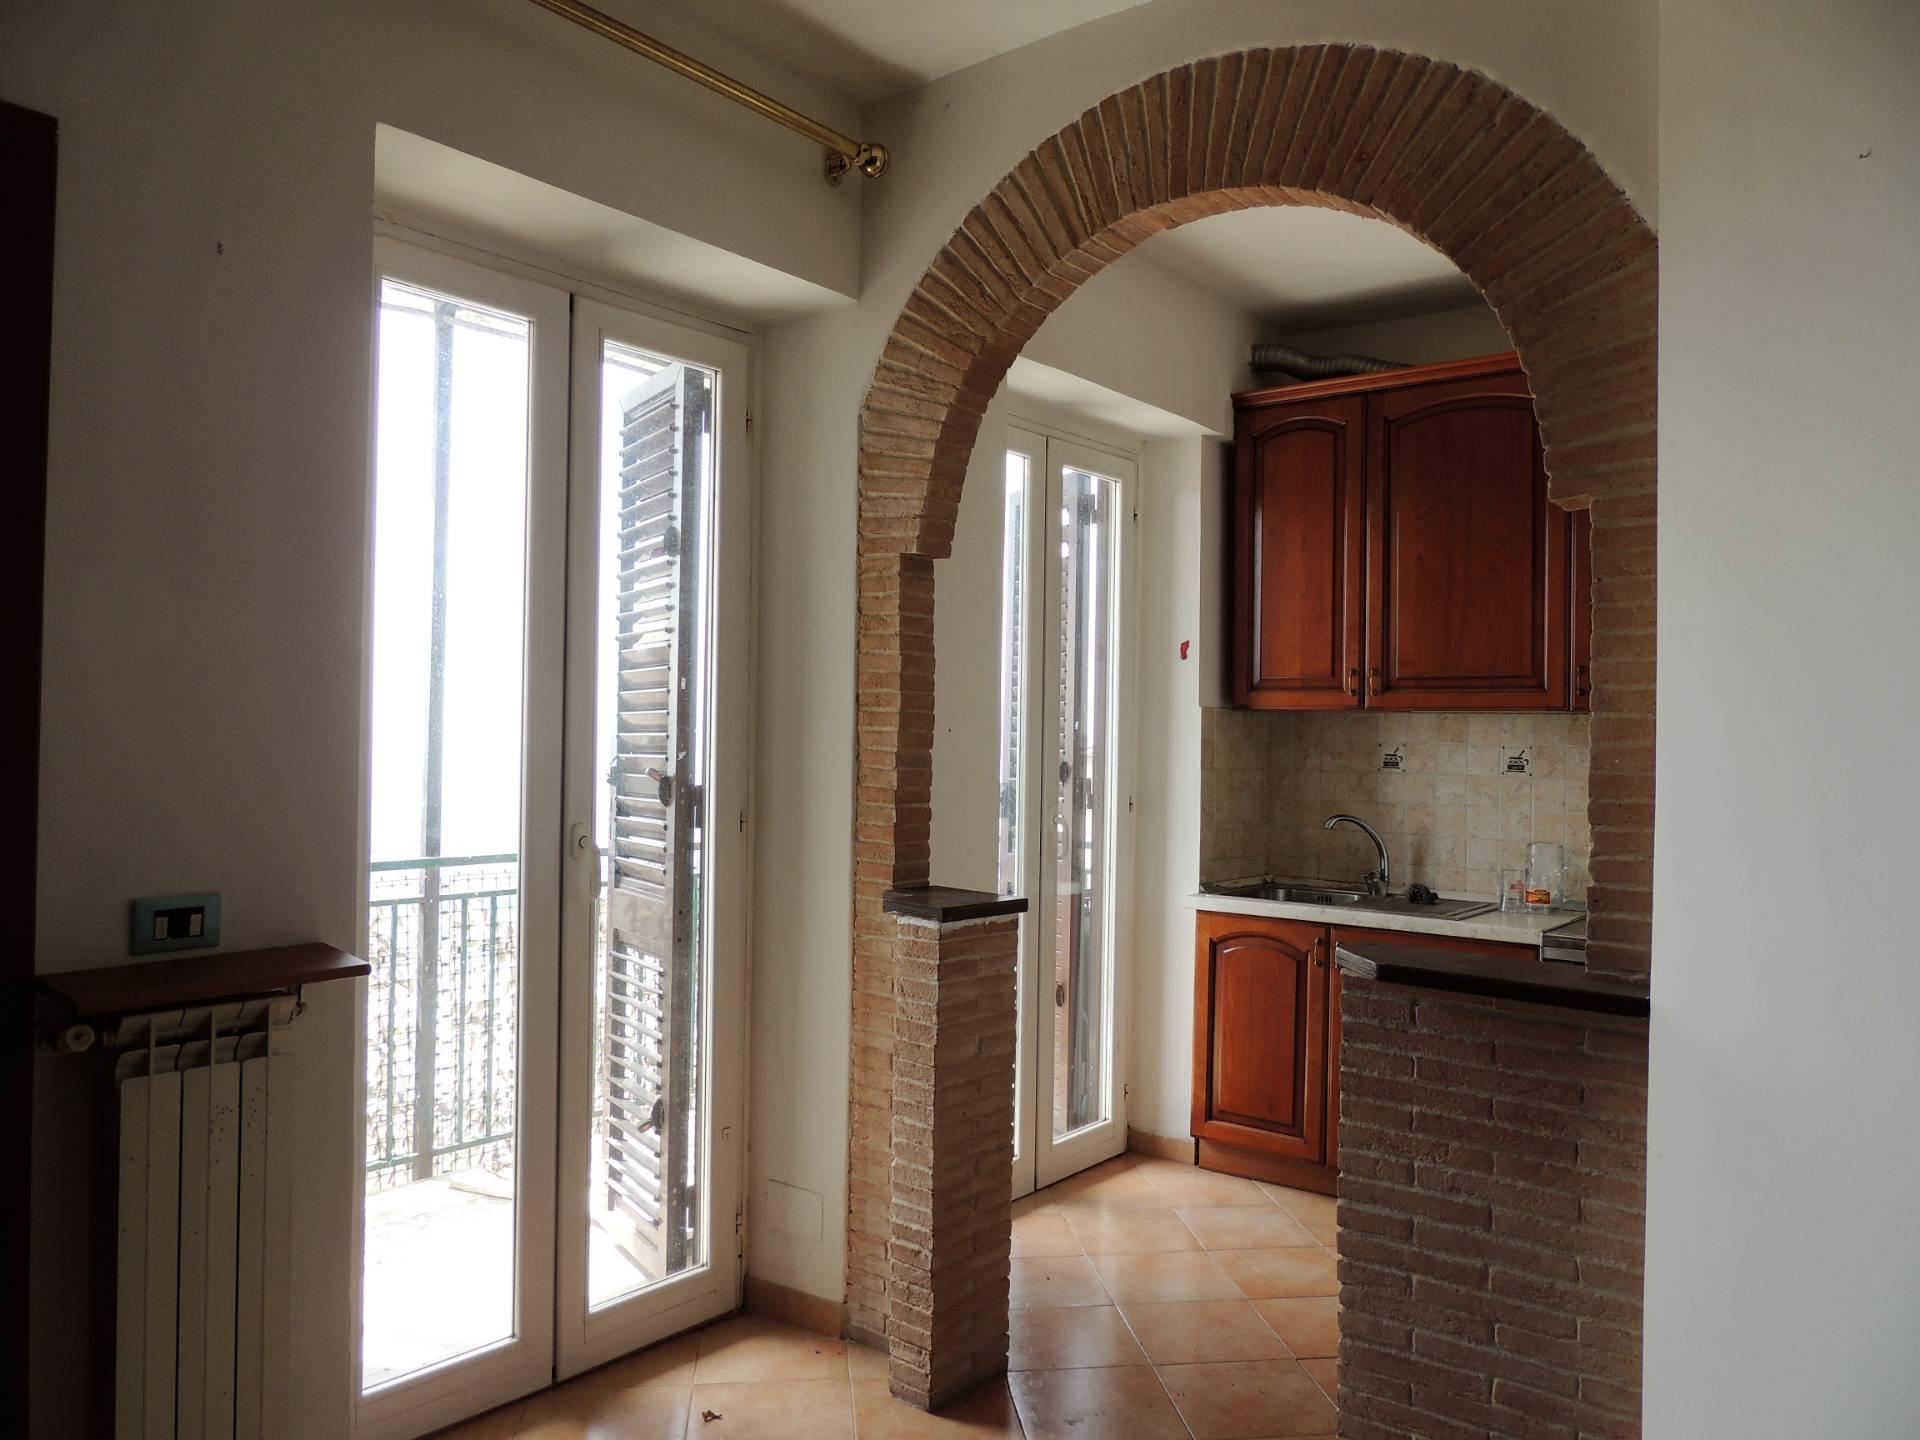 Appartamento in vendita a Sant'Angelo Romano, 2 locali, prezzo € 37.000 | CambioCasa.it